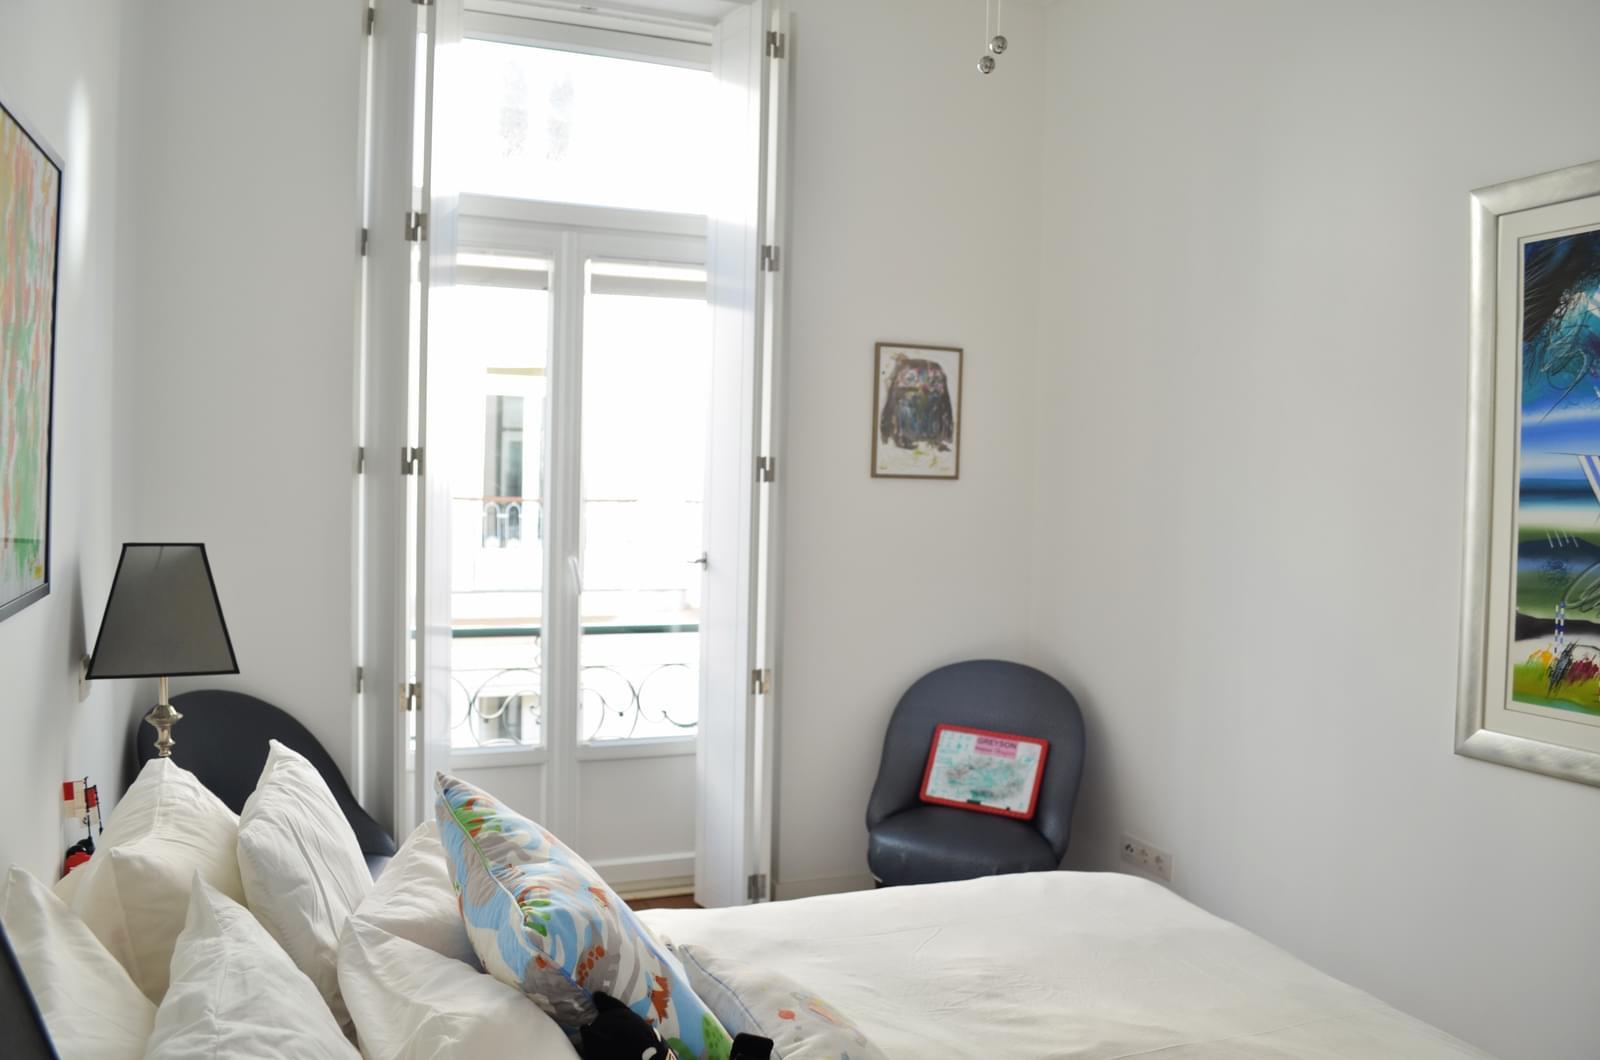 pf18712-apartamento-t2-lisboa-094fdb0b-cc0d-4674-9b16-de938587c37d